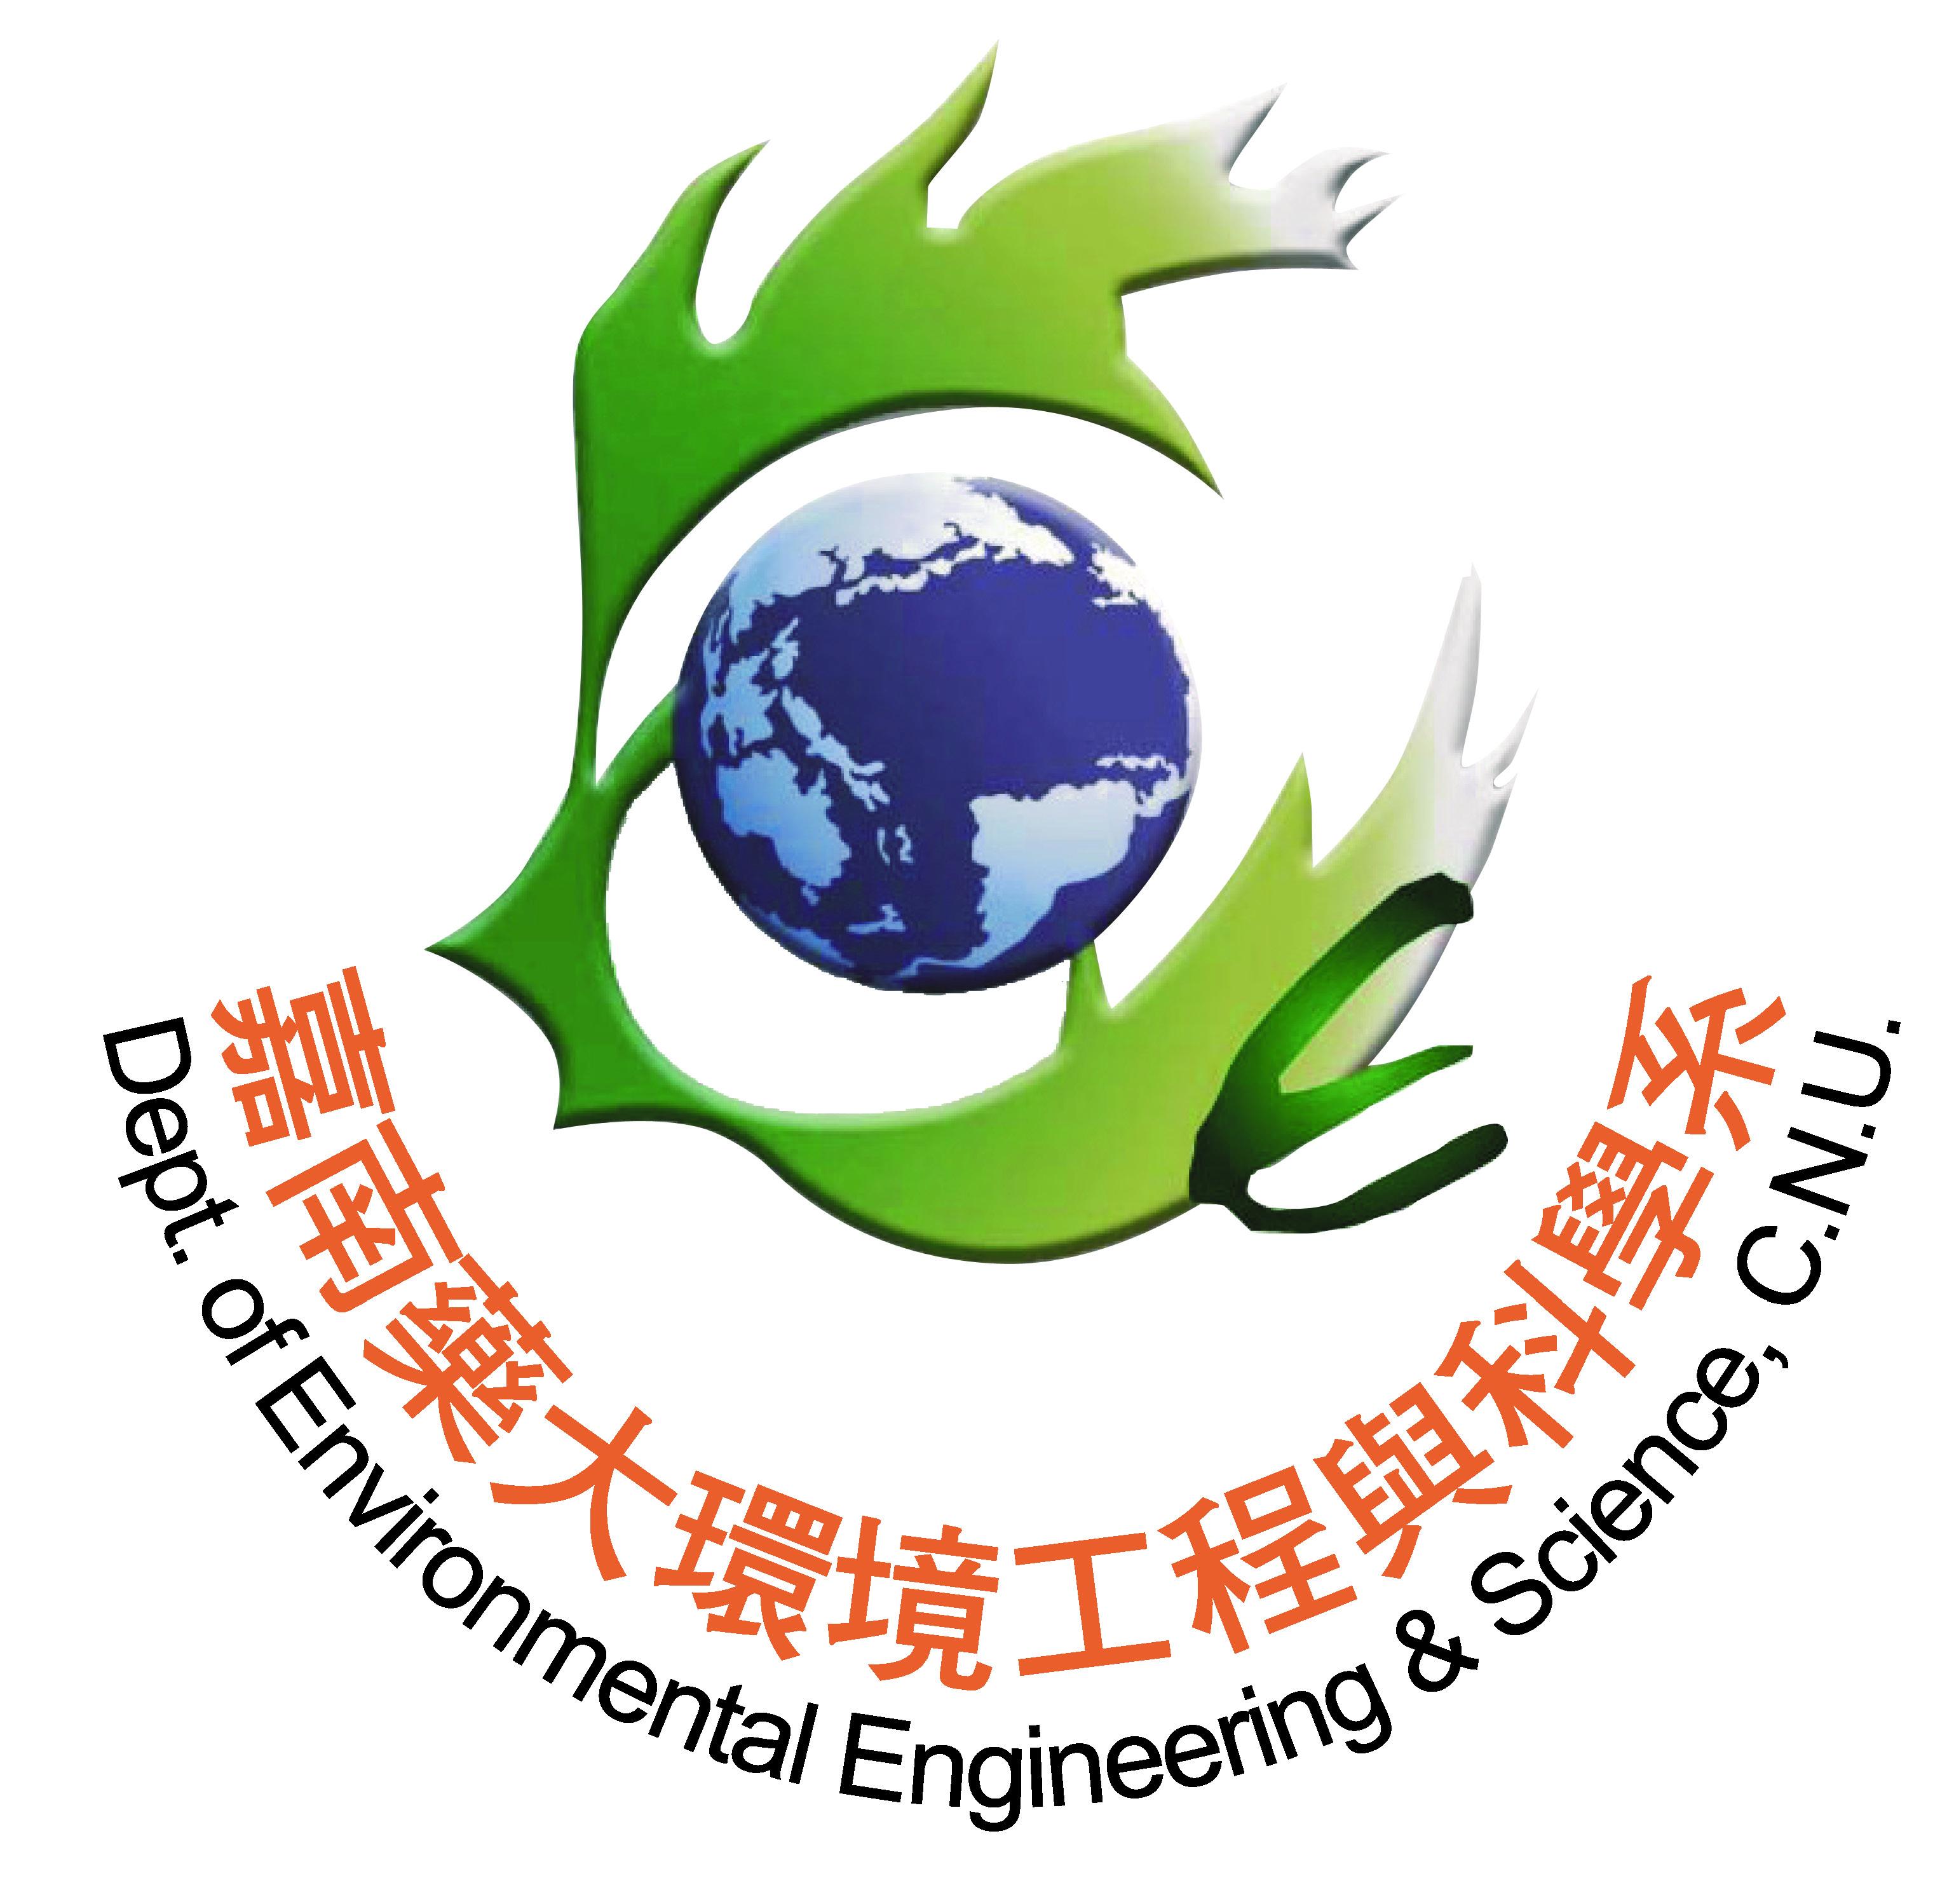 嘉藥環工系logo_20151105